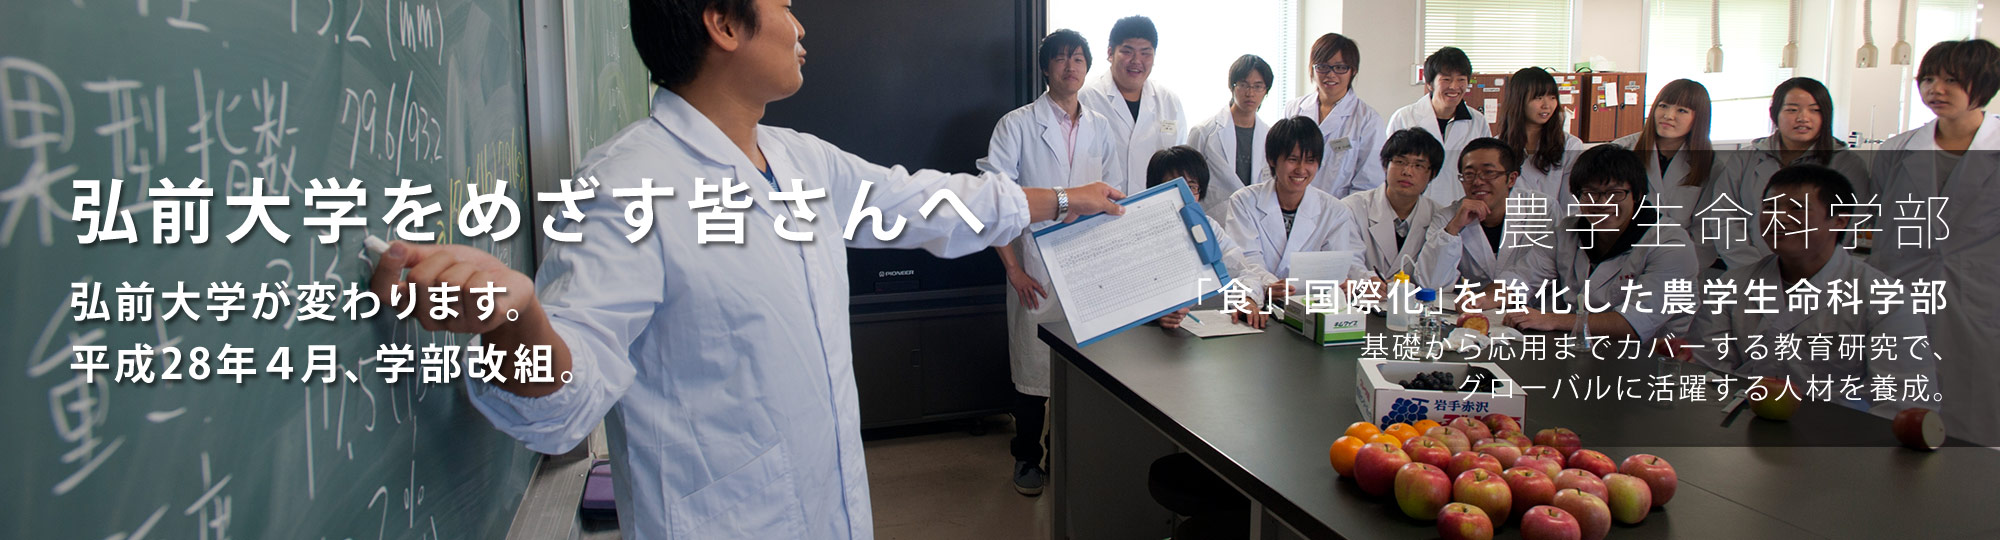 弘前大学 農学生命科学部